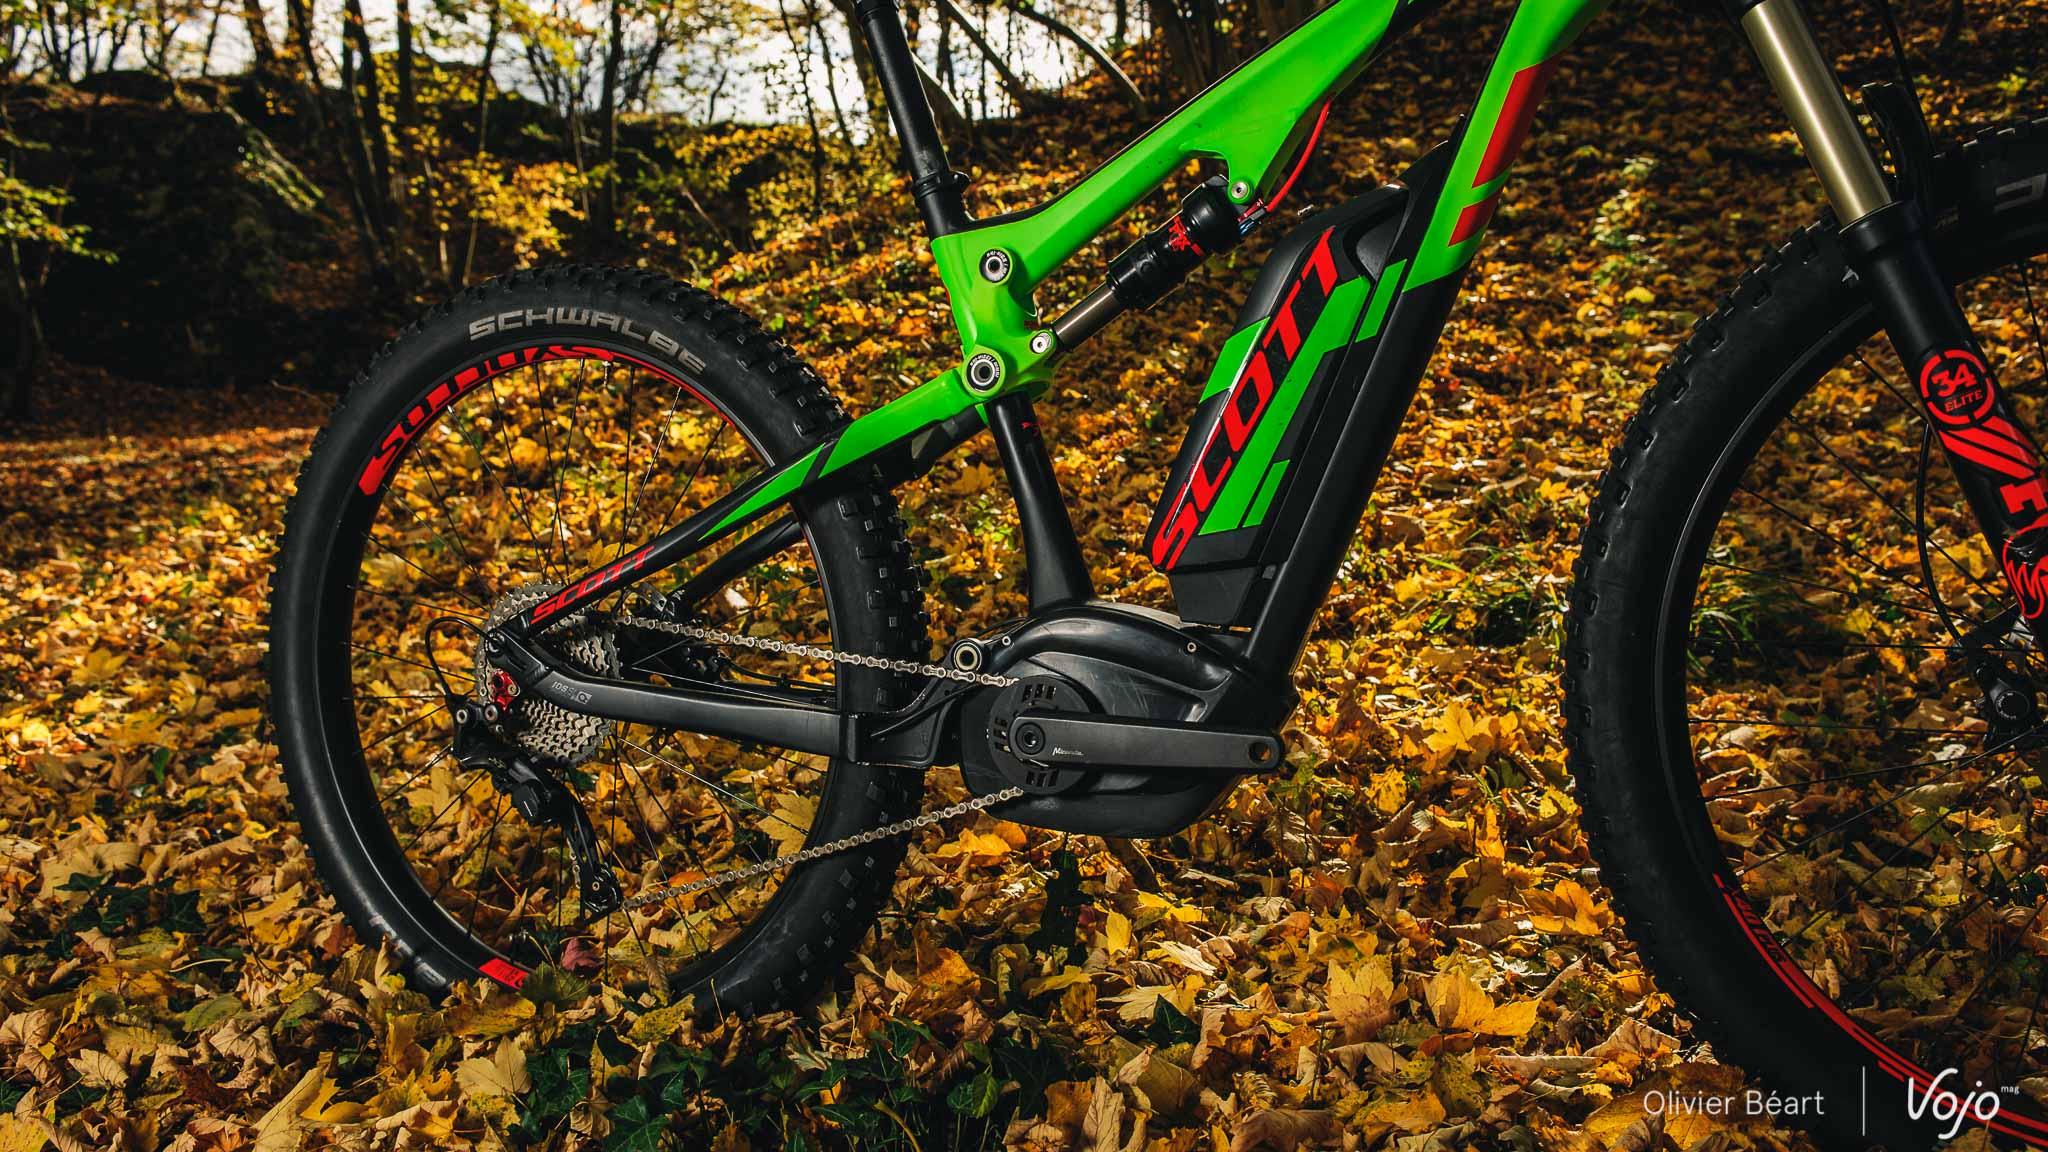 Scott_e_Genius_Test_b_Bicycle_VojoMag-3